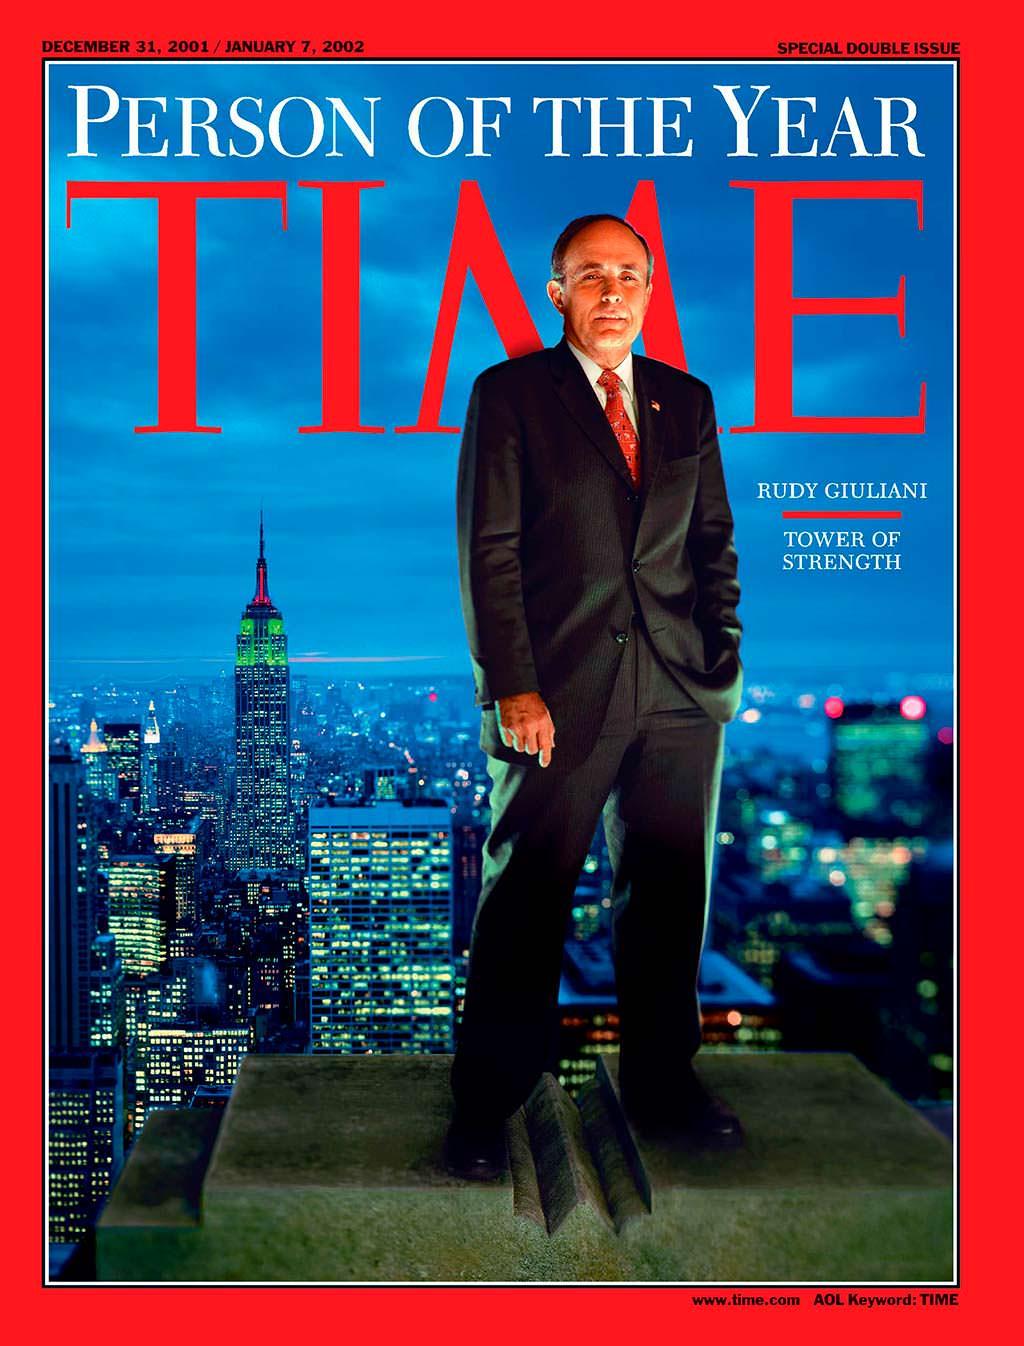 2001 год. Мэр Нью-Йорка Рудольф Джулиани на обложке Time